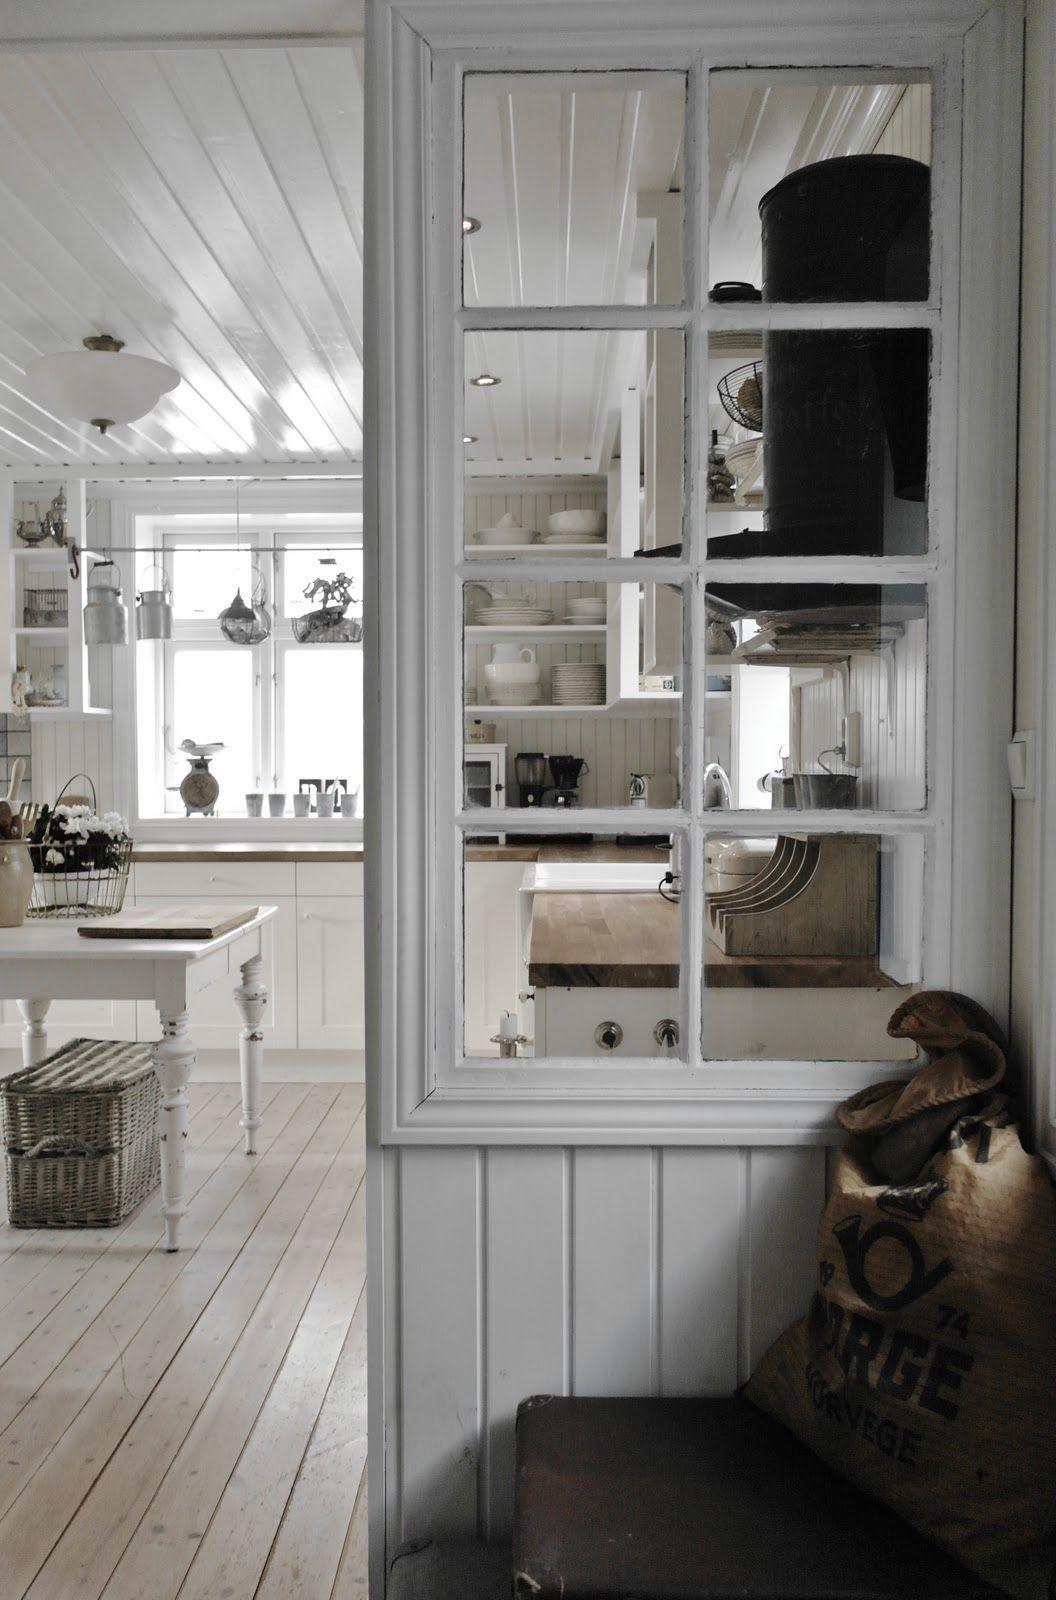 Mẹo tái sử dụng khung cửa sổ cũ trong trang trí và lưu trữ - Ảnh 7.